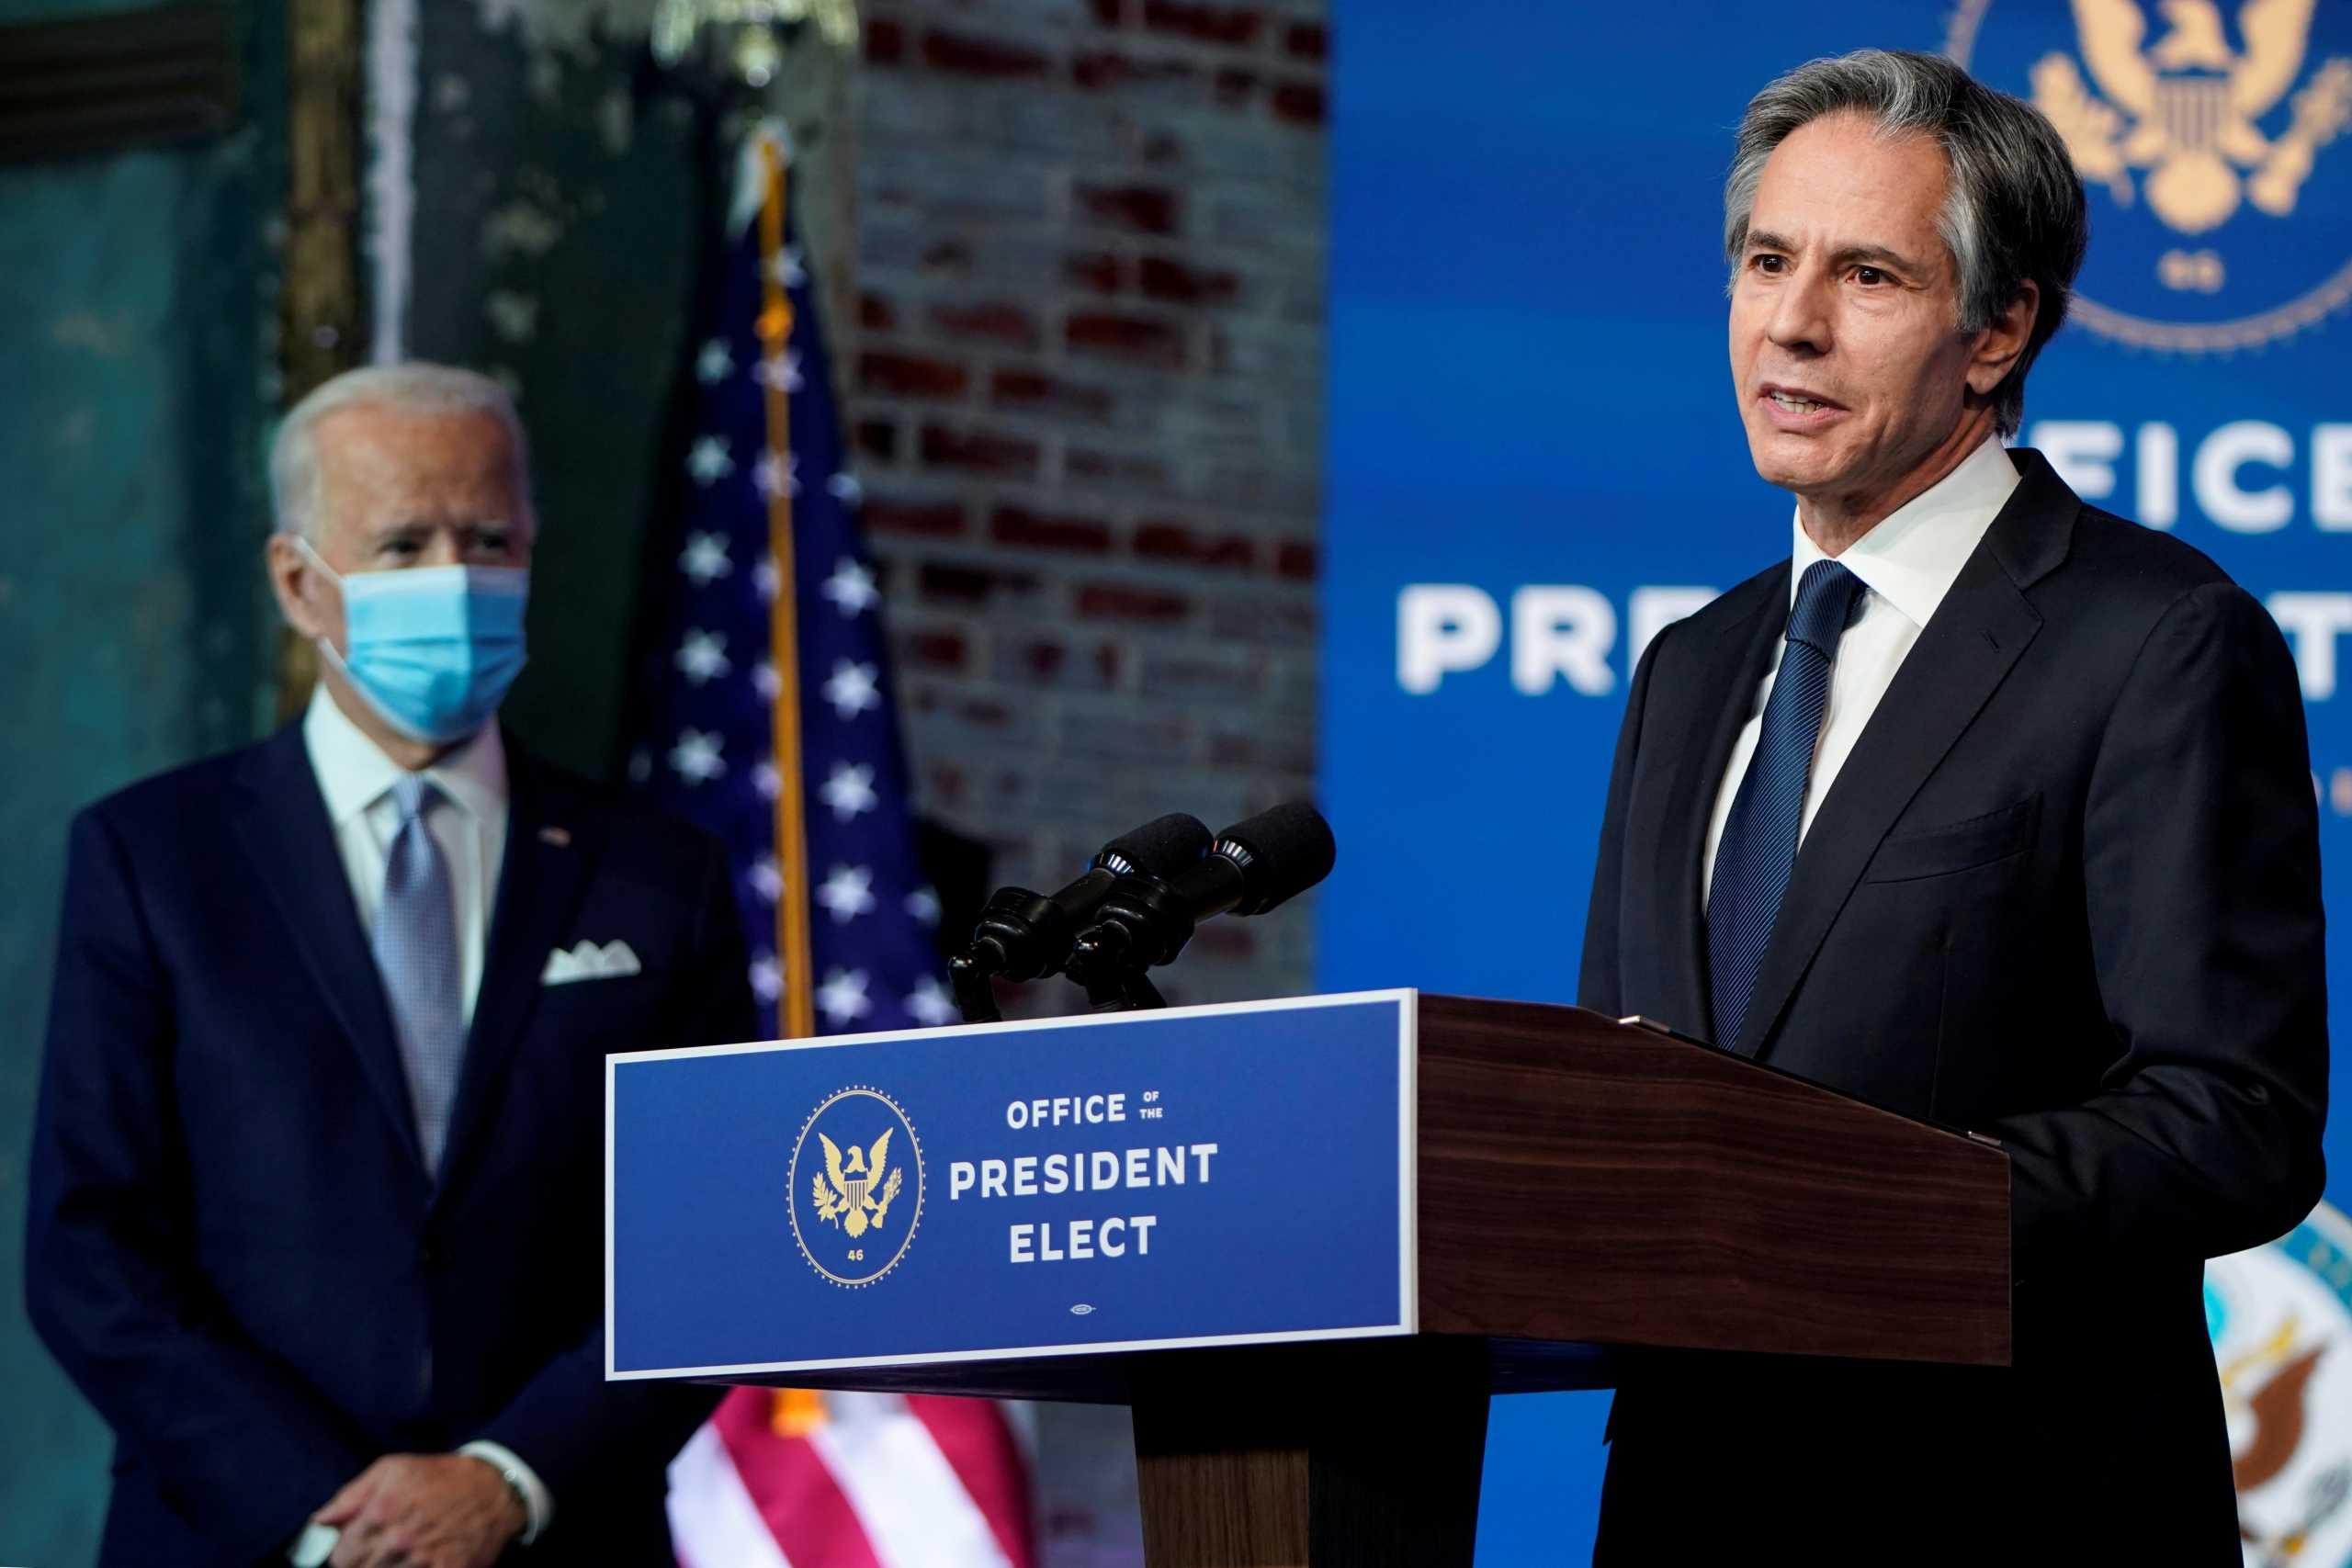 ΗΠΑ: Σημαντική για τα αμερικανικά συμφέροντα στην Αν. Μεσόγειο η σχέση ασφαλείας με την Ελλάδα